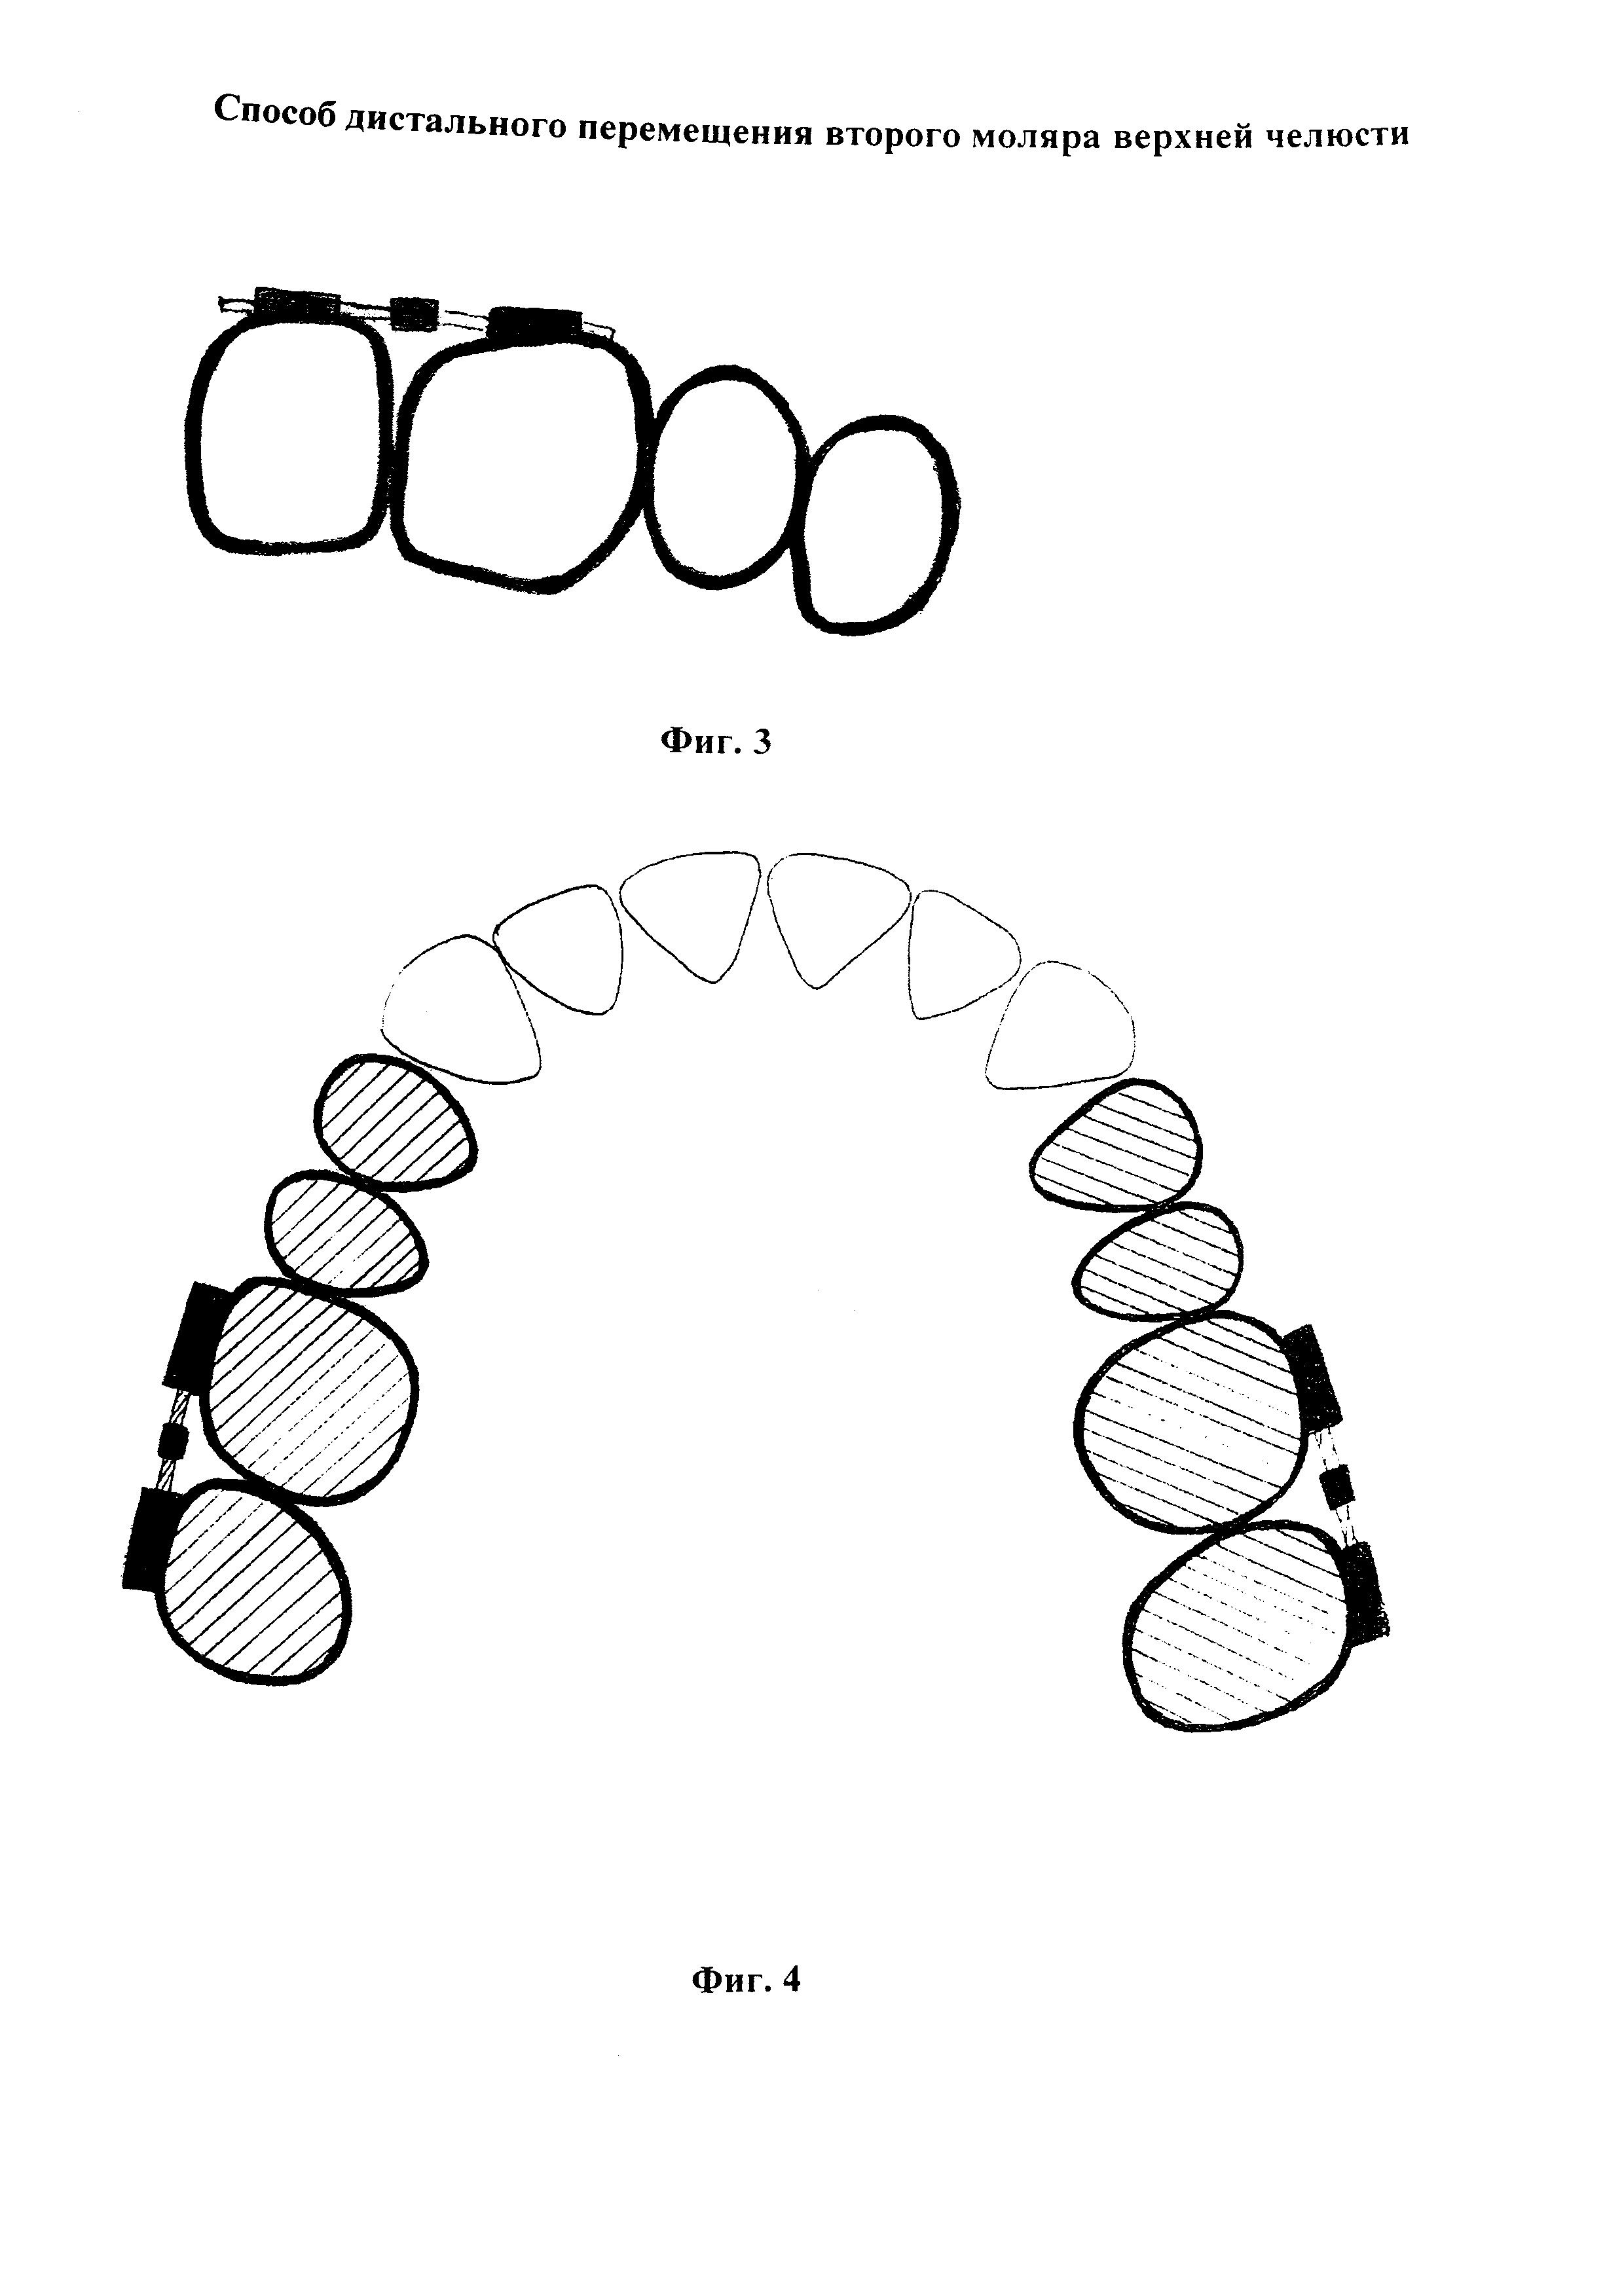 Способ дистального перемещения второго моляра верхней челюсти